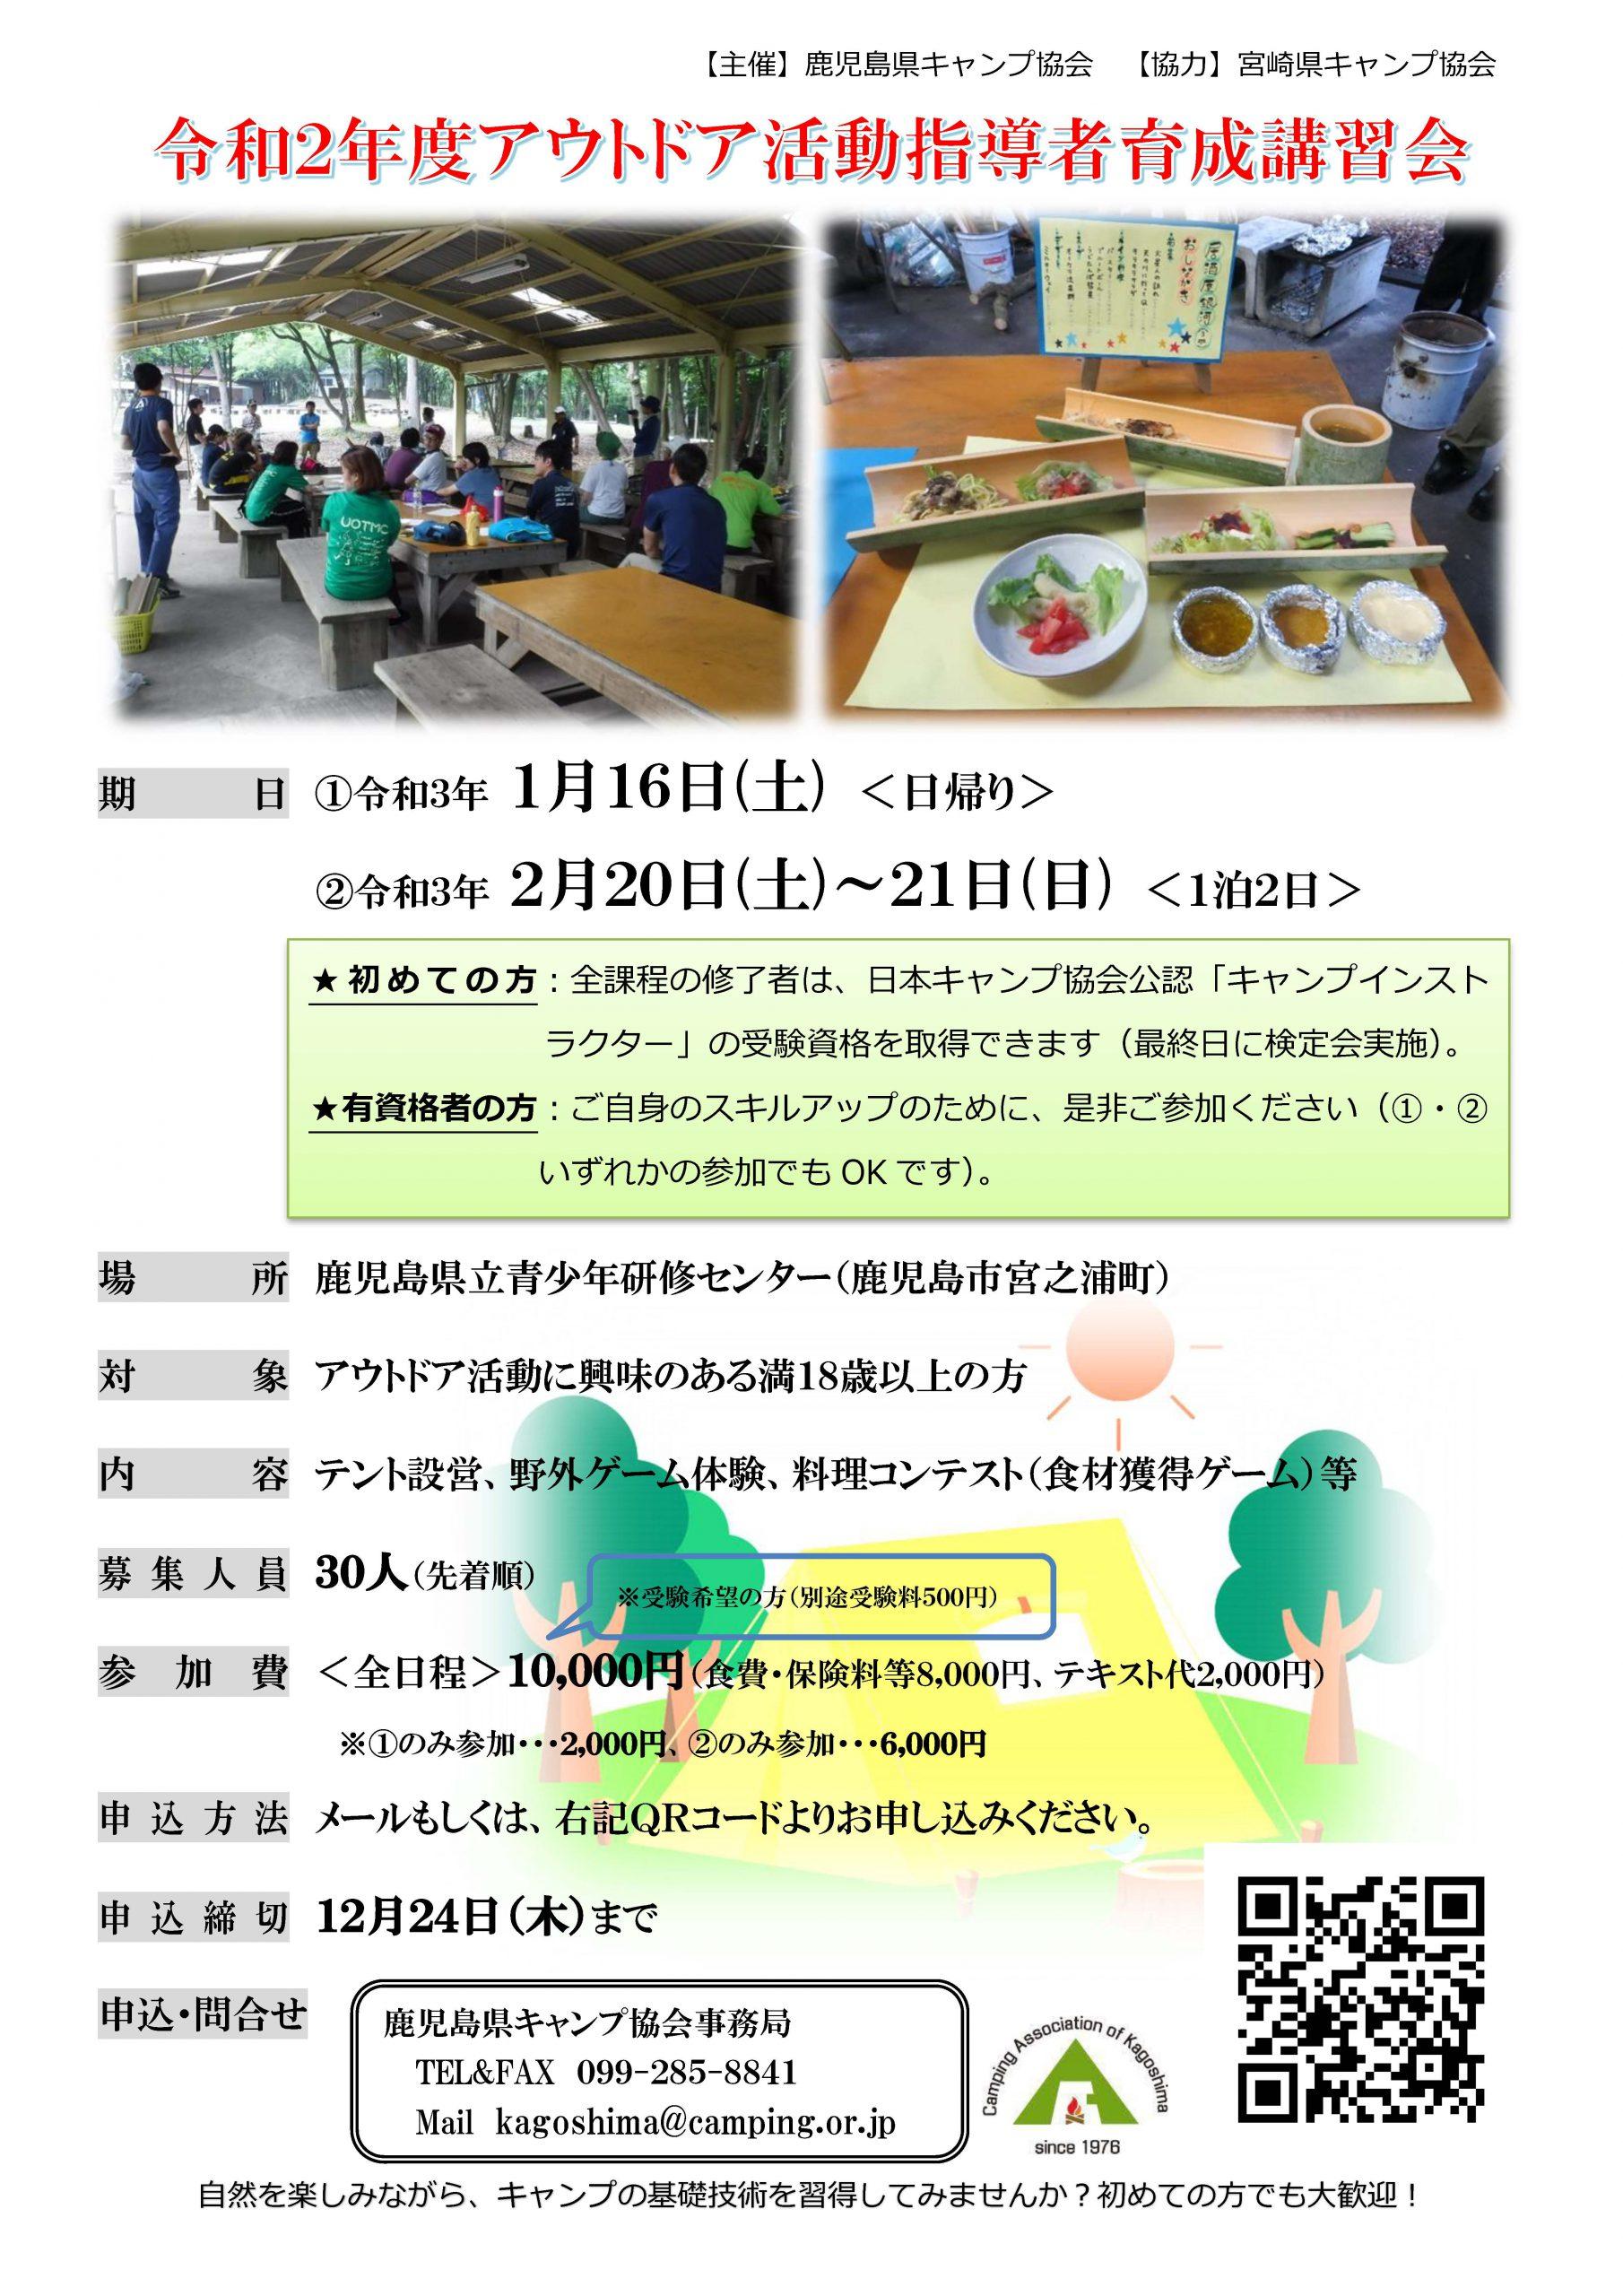 鹿児島:キャンプインストラクター養成講習会(1/16・2/20~21) @ 鹿児島県立青少年研修センター